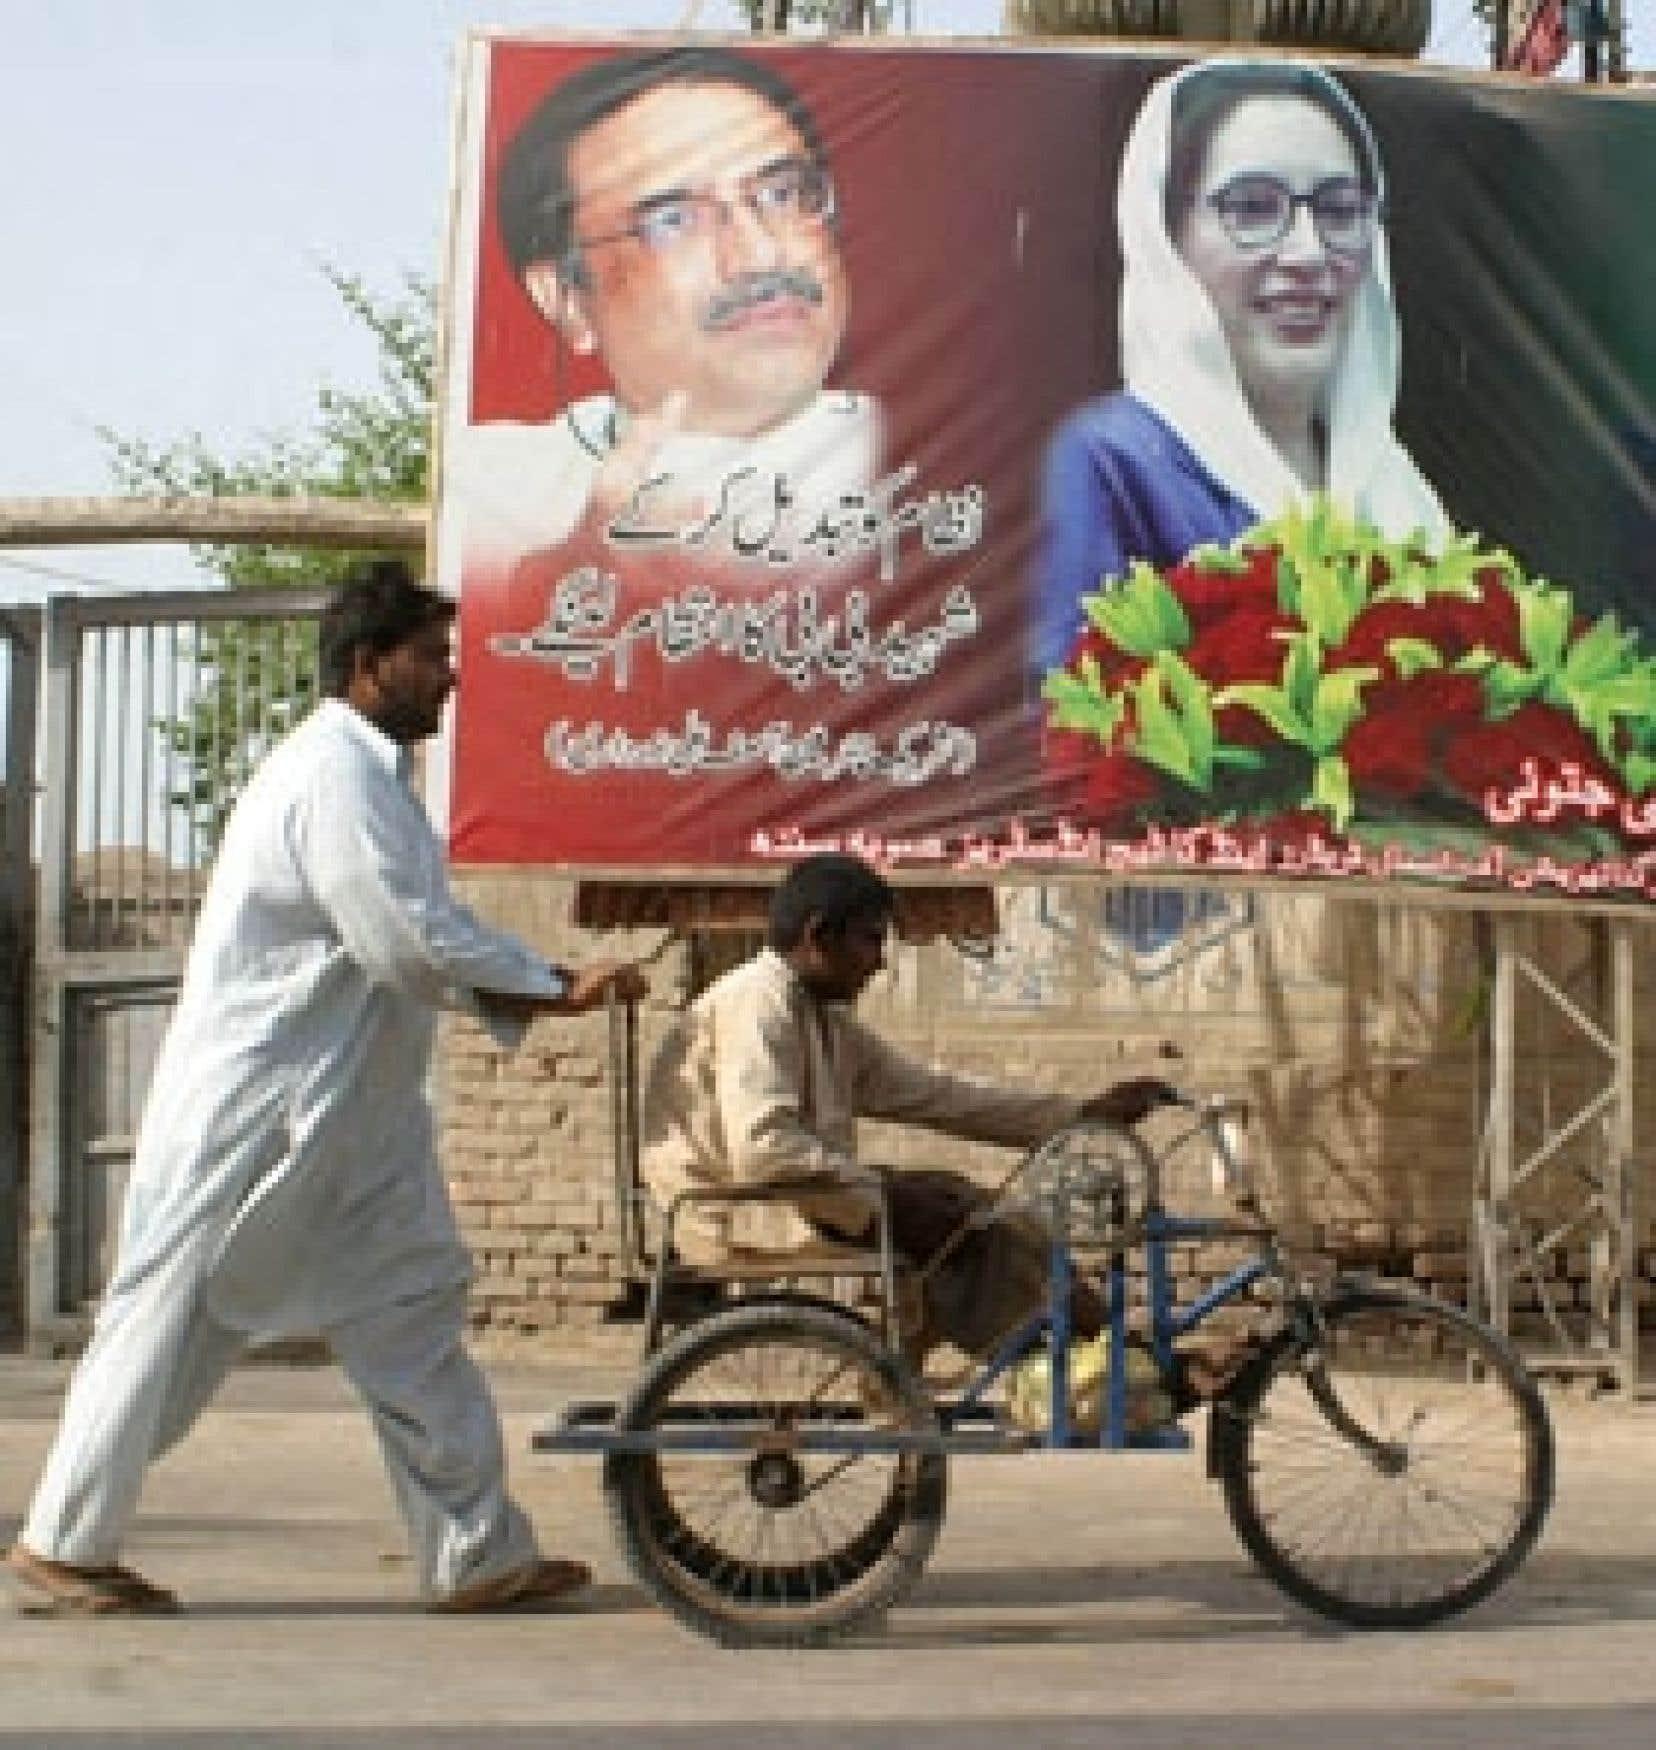 Zardari n'apparaît que rarement sans Benazir Bhutto sur les affiches de campagne.